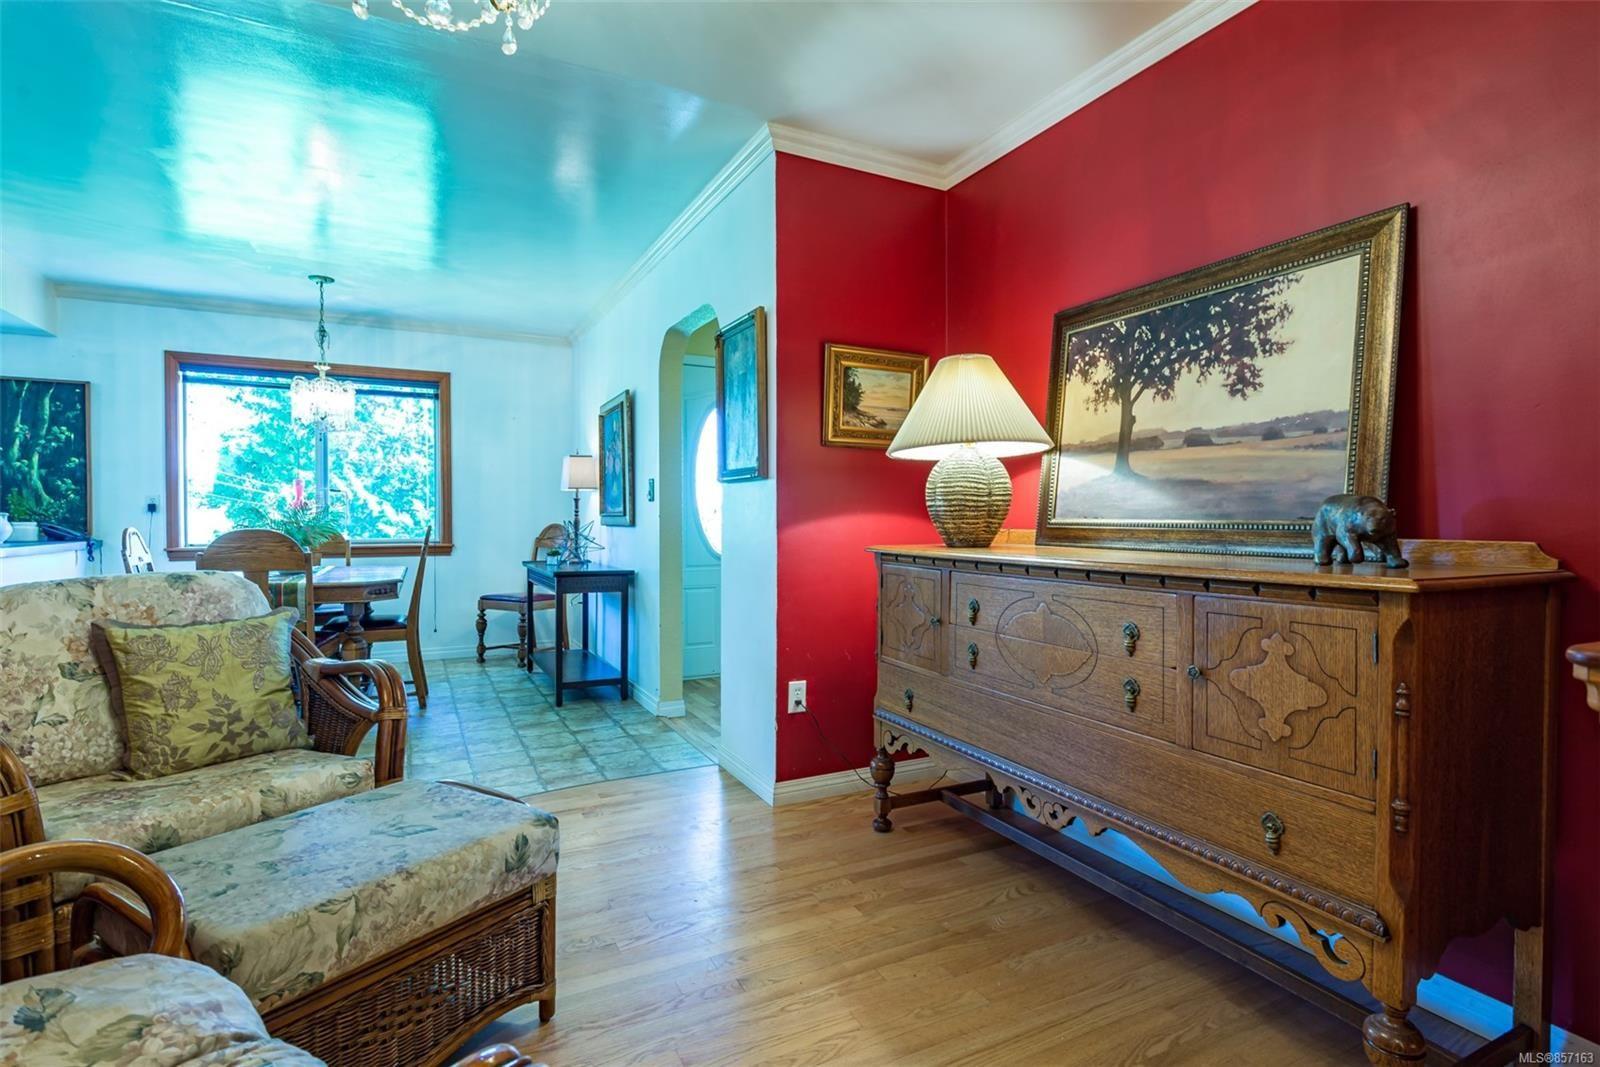 Photo 23: Photos: 4241 Buddington Rd in : CV Courtenay South House for sale (Comox Valley)  : MLS®# 857163